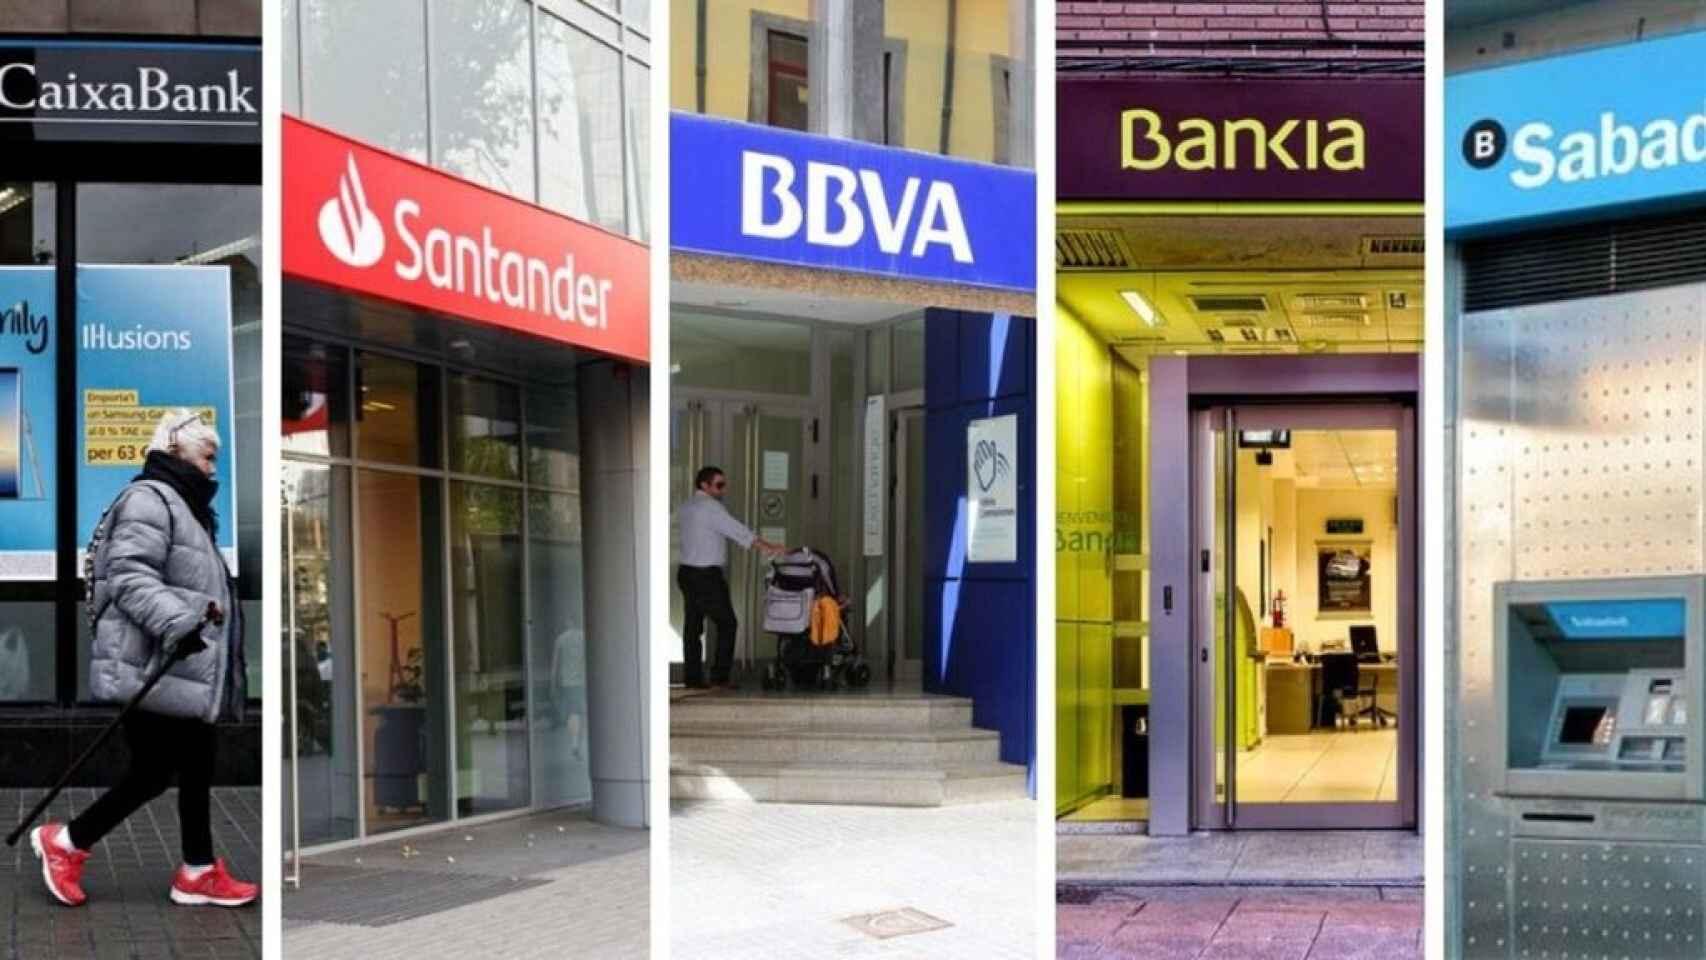 La banca prepara una nueva ronda de ajustes para ganar en eficiencia y rentabilidad.